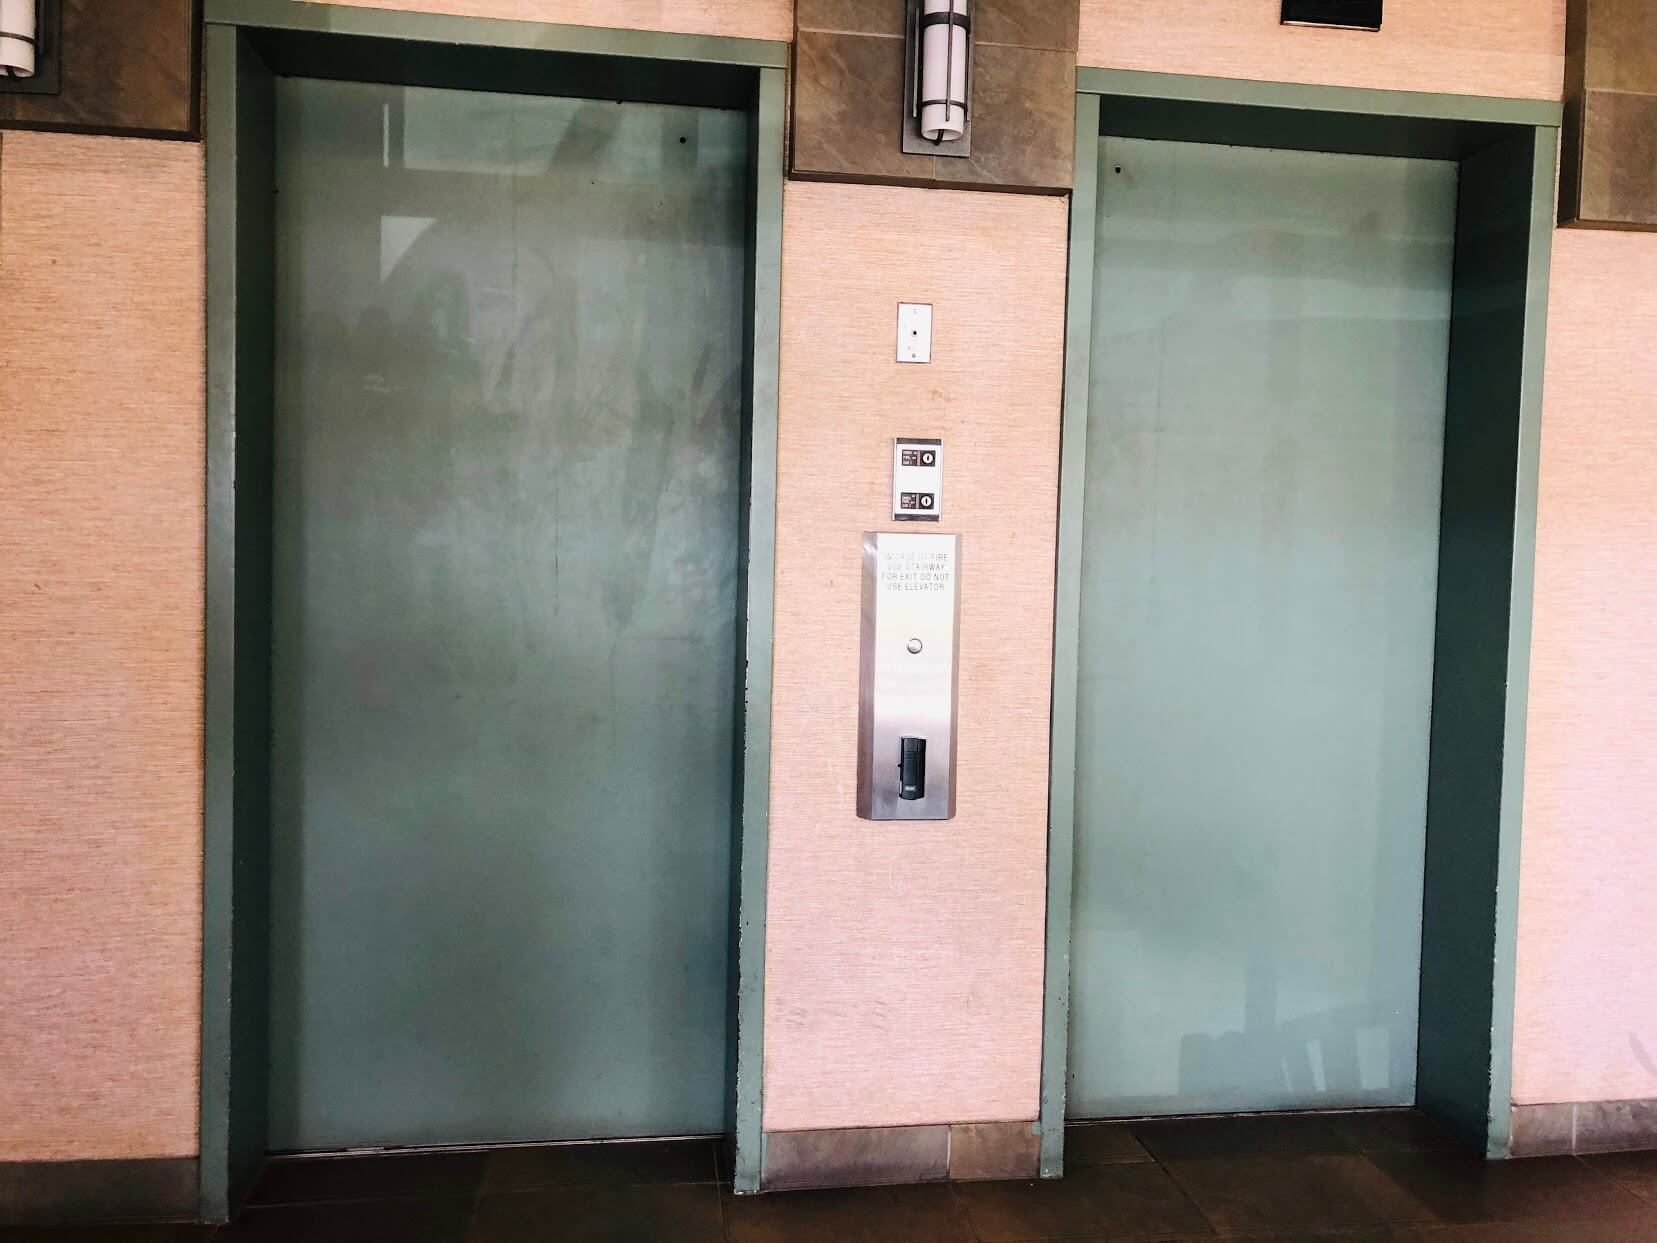 Iolani Regentのエレベーター